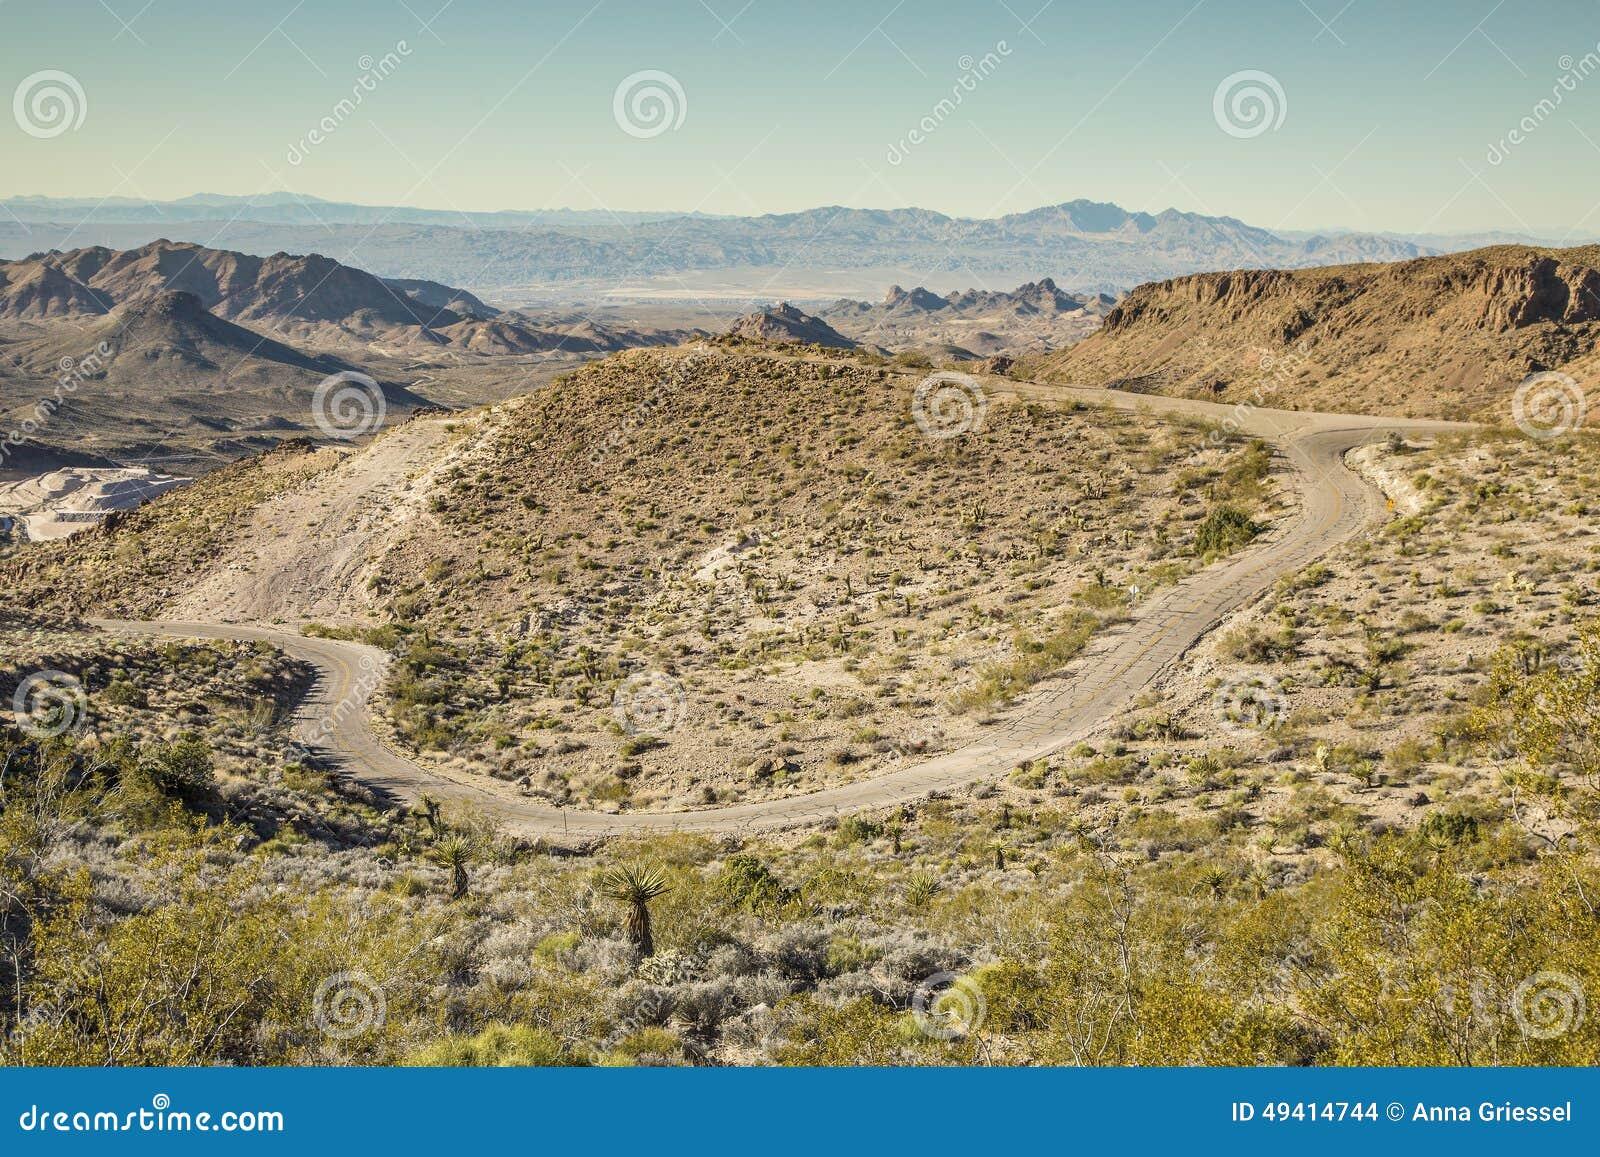 Download Fernteil von Route 66 stockfoto. Bild von kurve, szene - 49414744